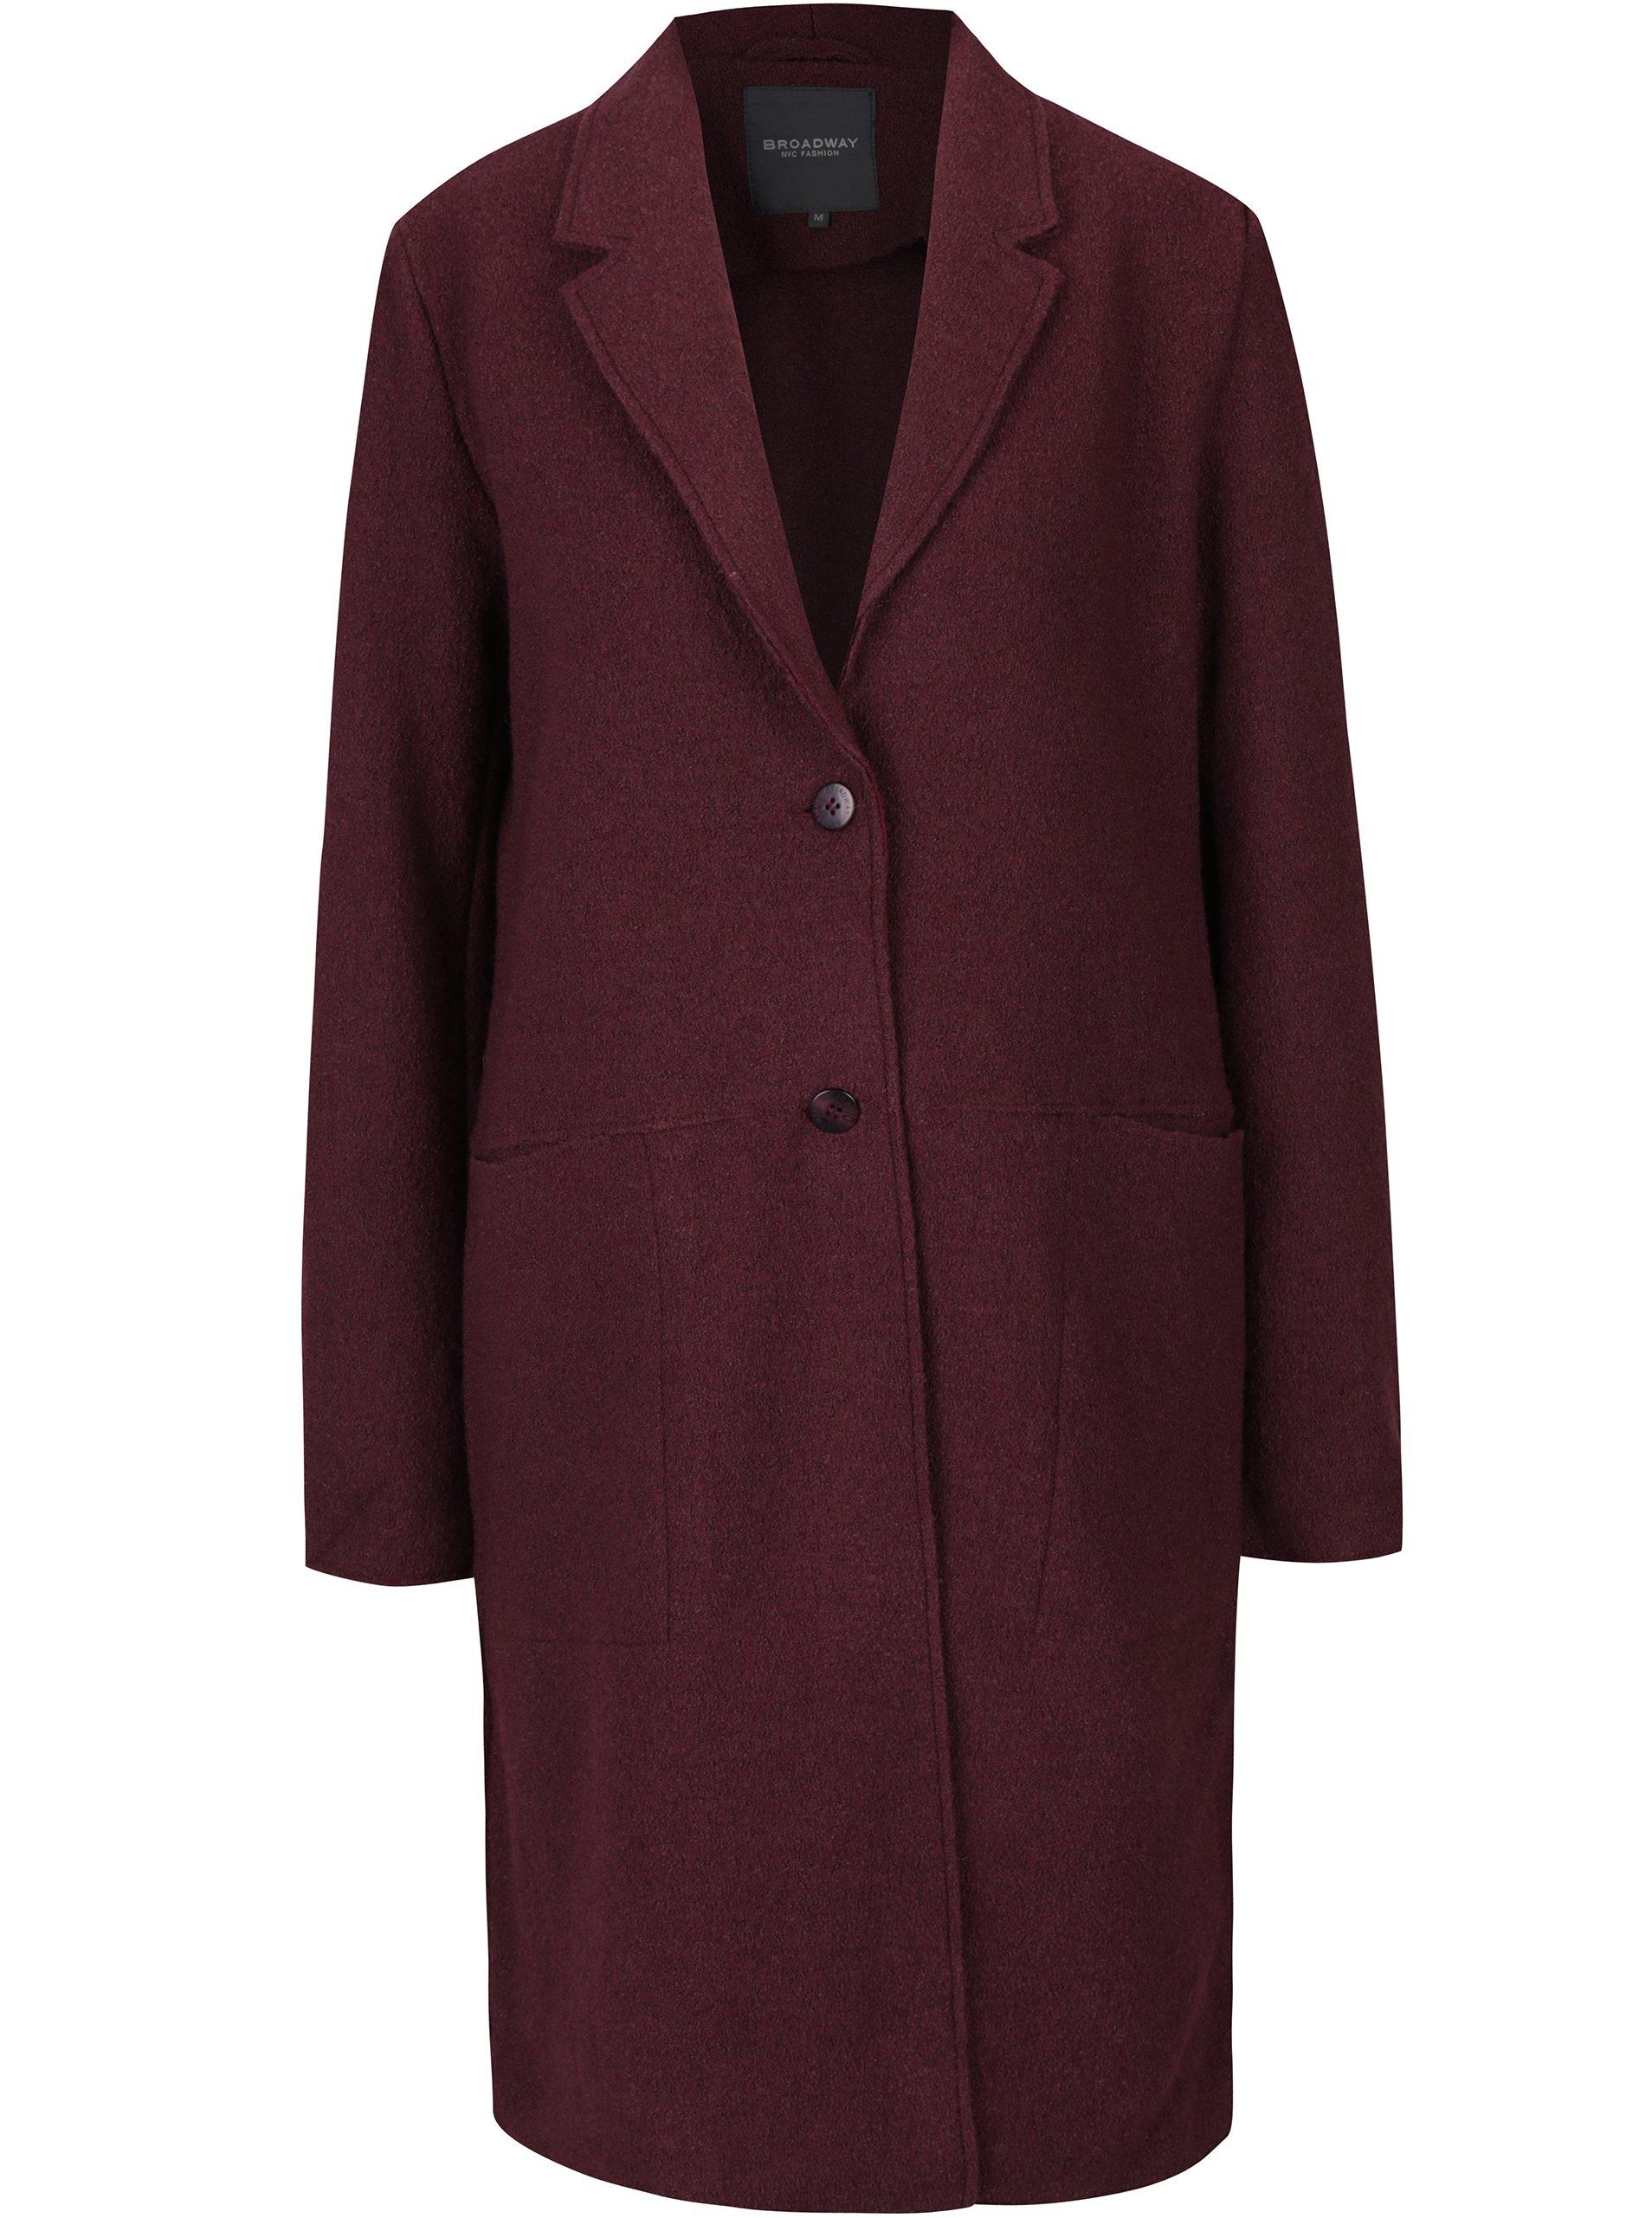 8b8449162e0a Vínový dámsky dlhý vlnený kabát Broadway Mardie